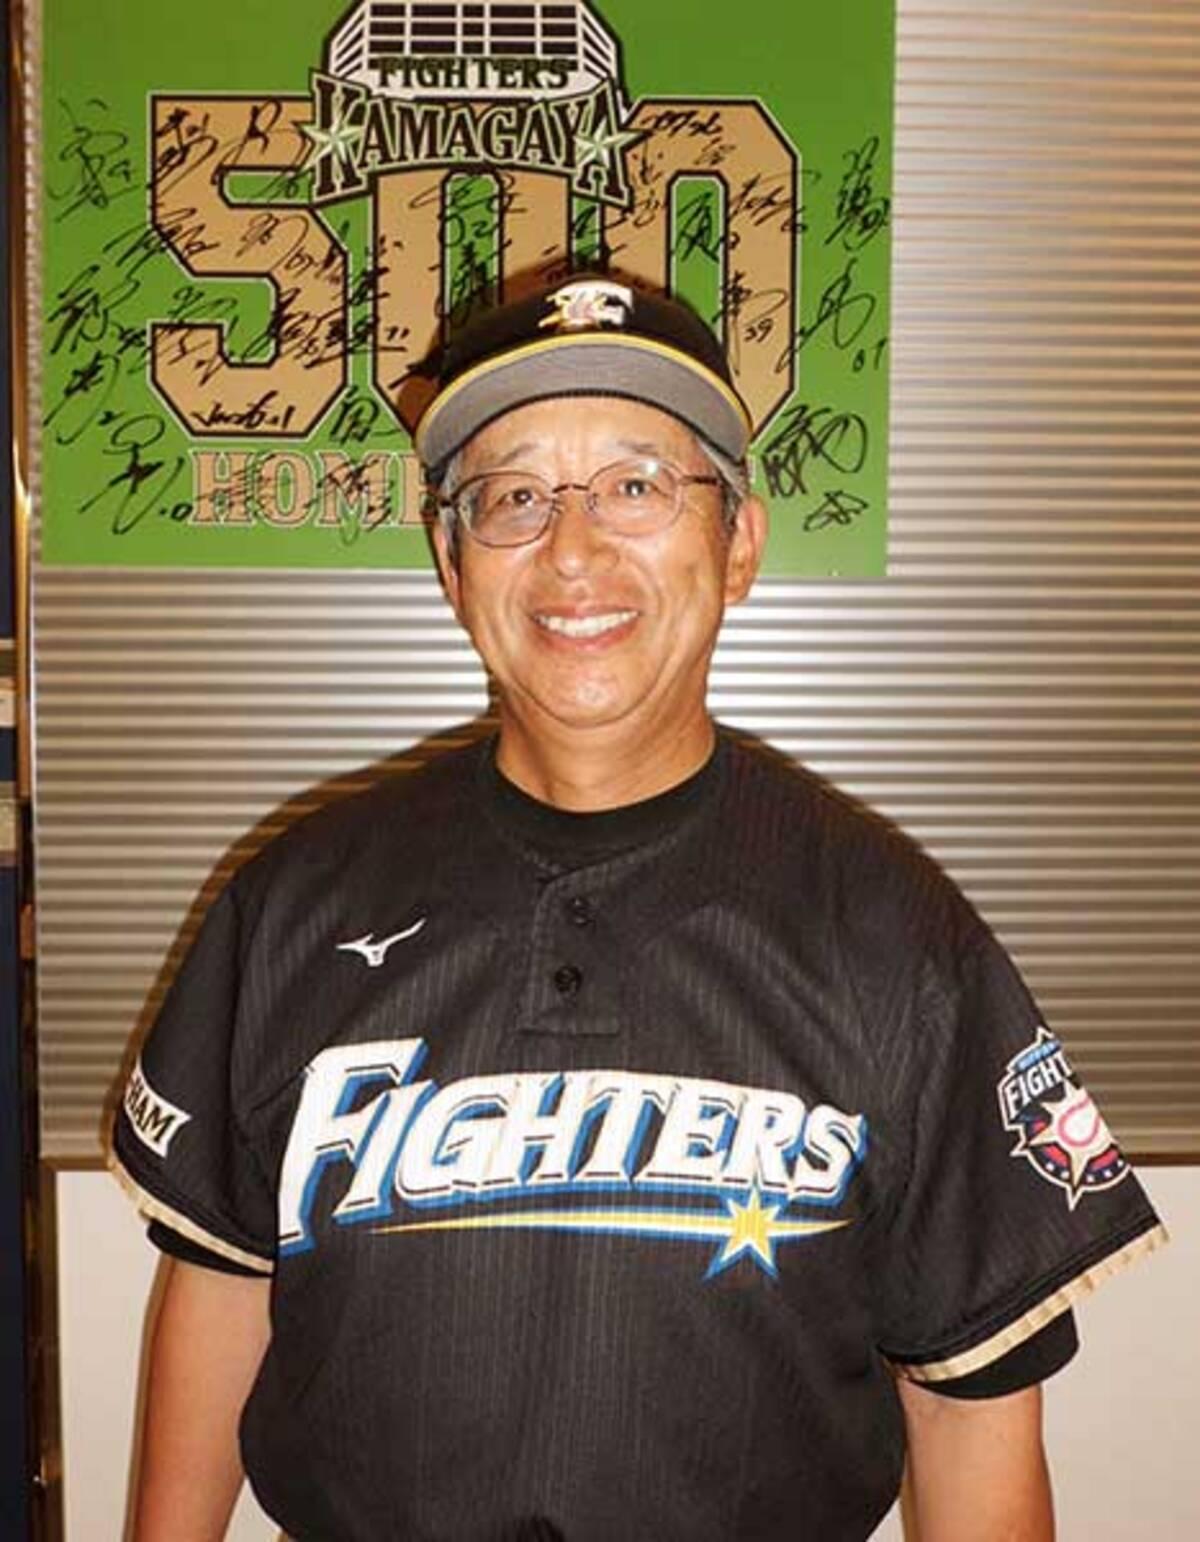 日本ハム・原田豊二軍総合コーチ プロとは無縁だったのに50代半ばで ...